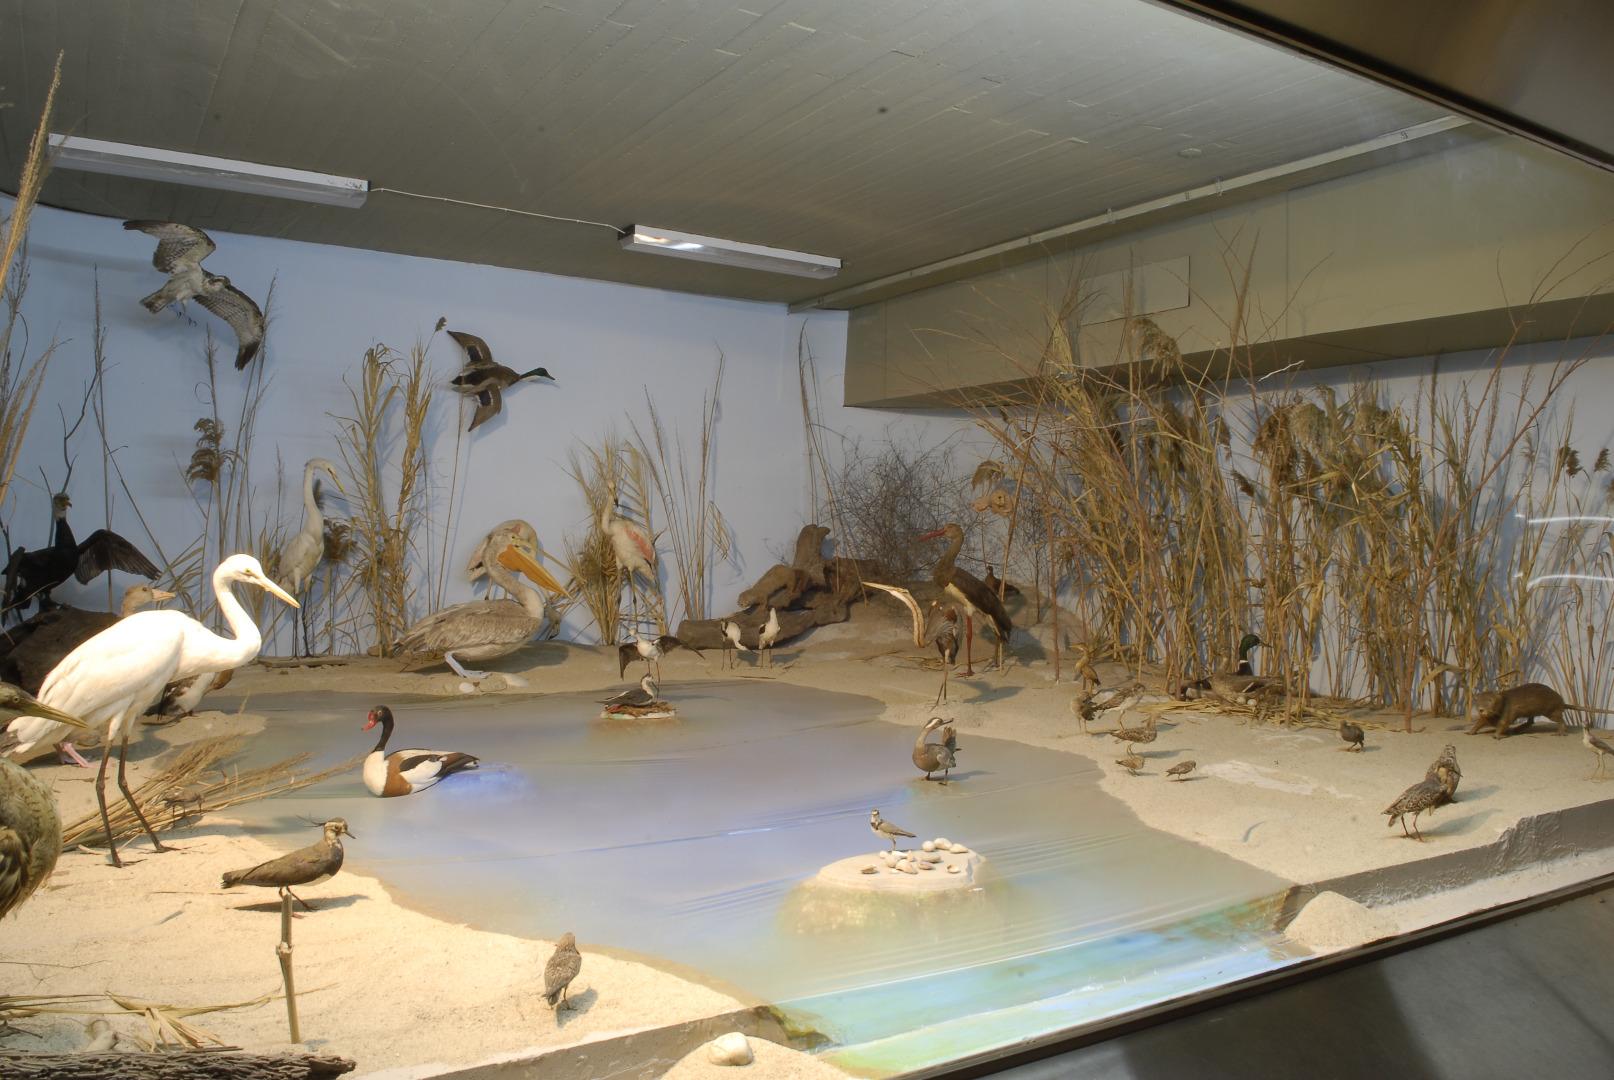 Αποτέλεσμα εικόνας για Αριστοτέλειο Μουσείο Φυσικής Ιστορίας Θεσσαλονίκη